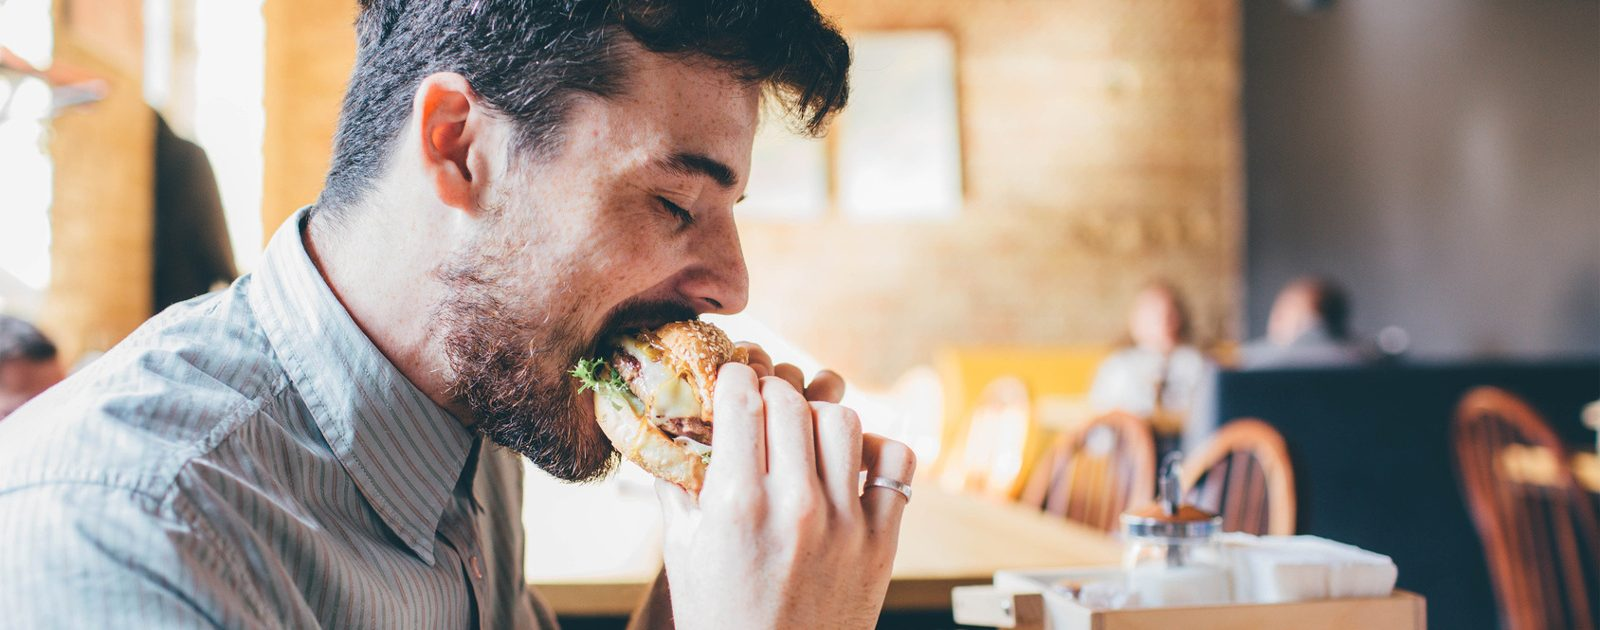 Mann isst fettiges Essen, welches Motilitätsstörungen verursachen kann